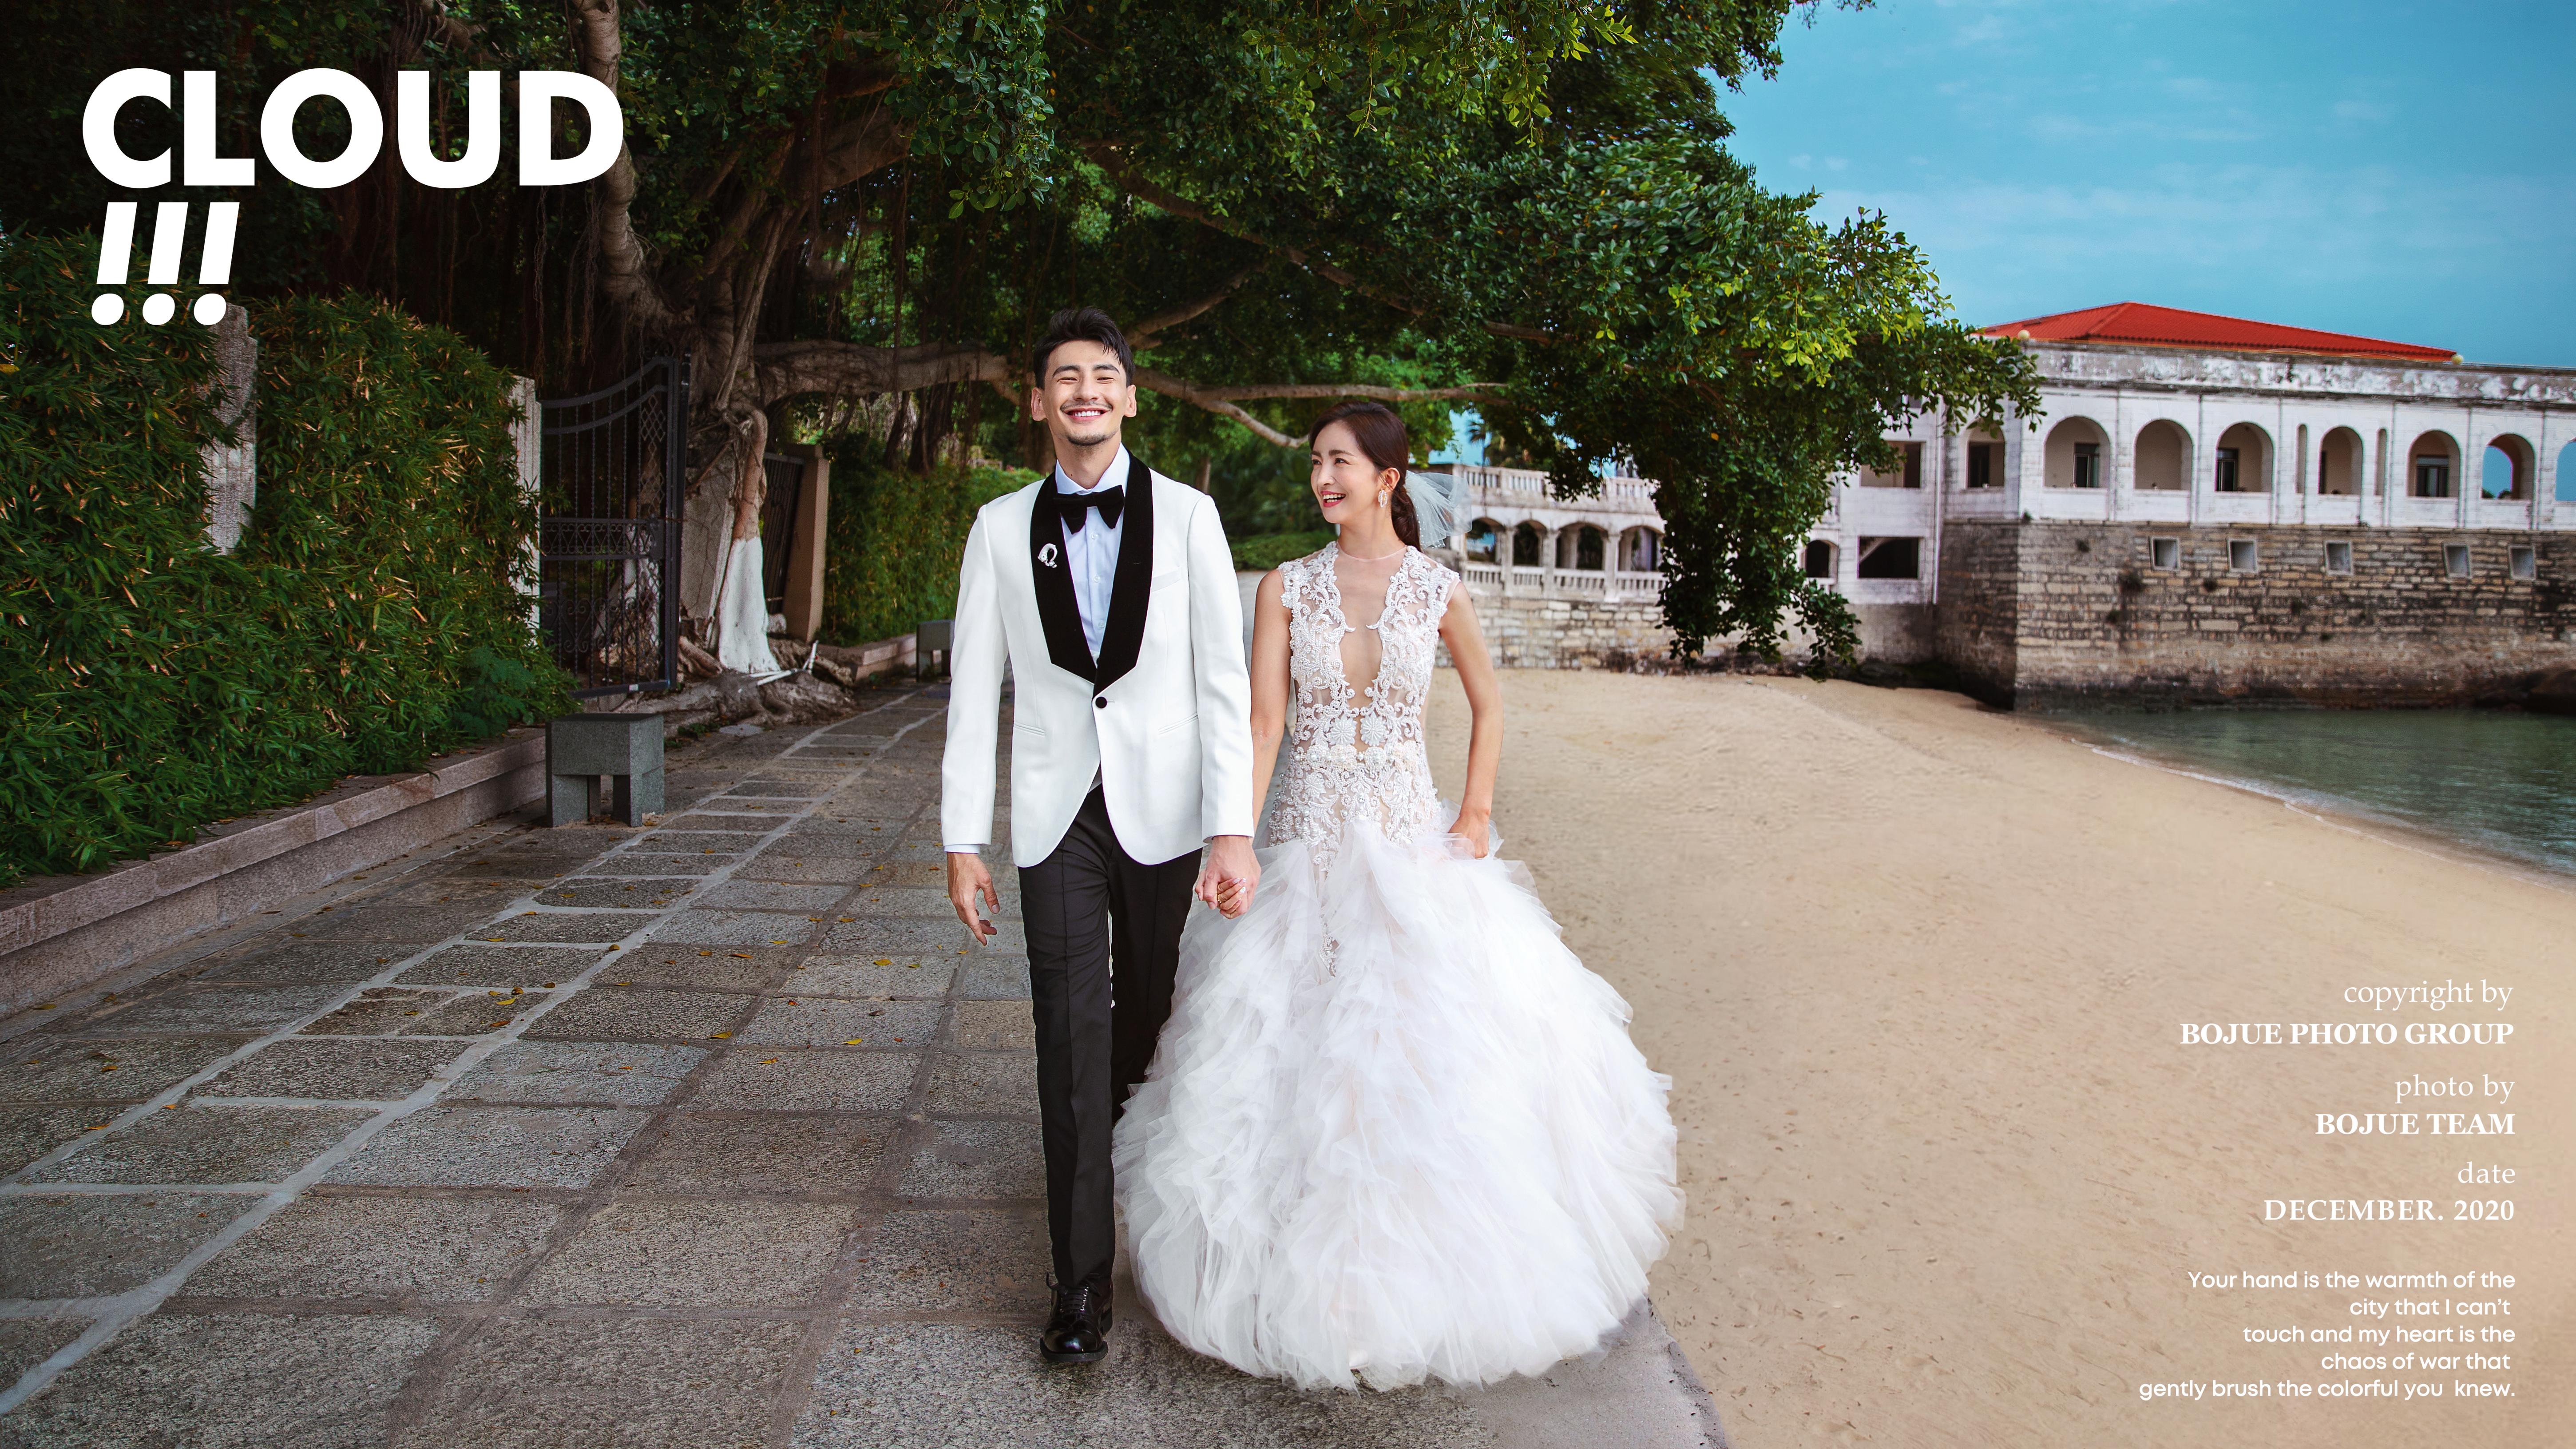 福建厦门婚纱照5000元套餐会不会太便宜?婚纱照是越贵越好吗?